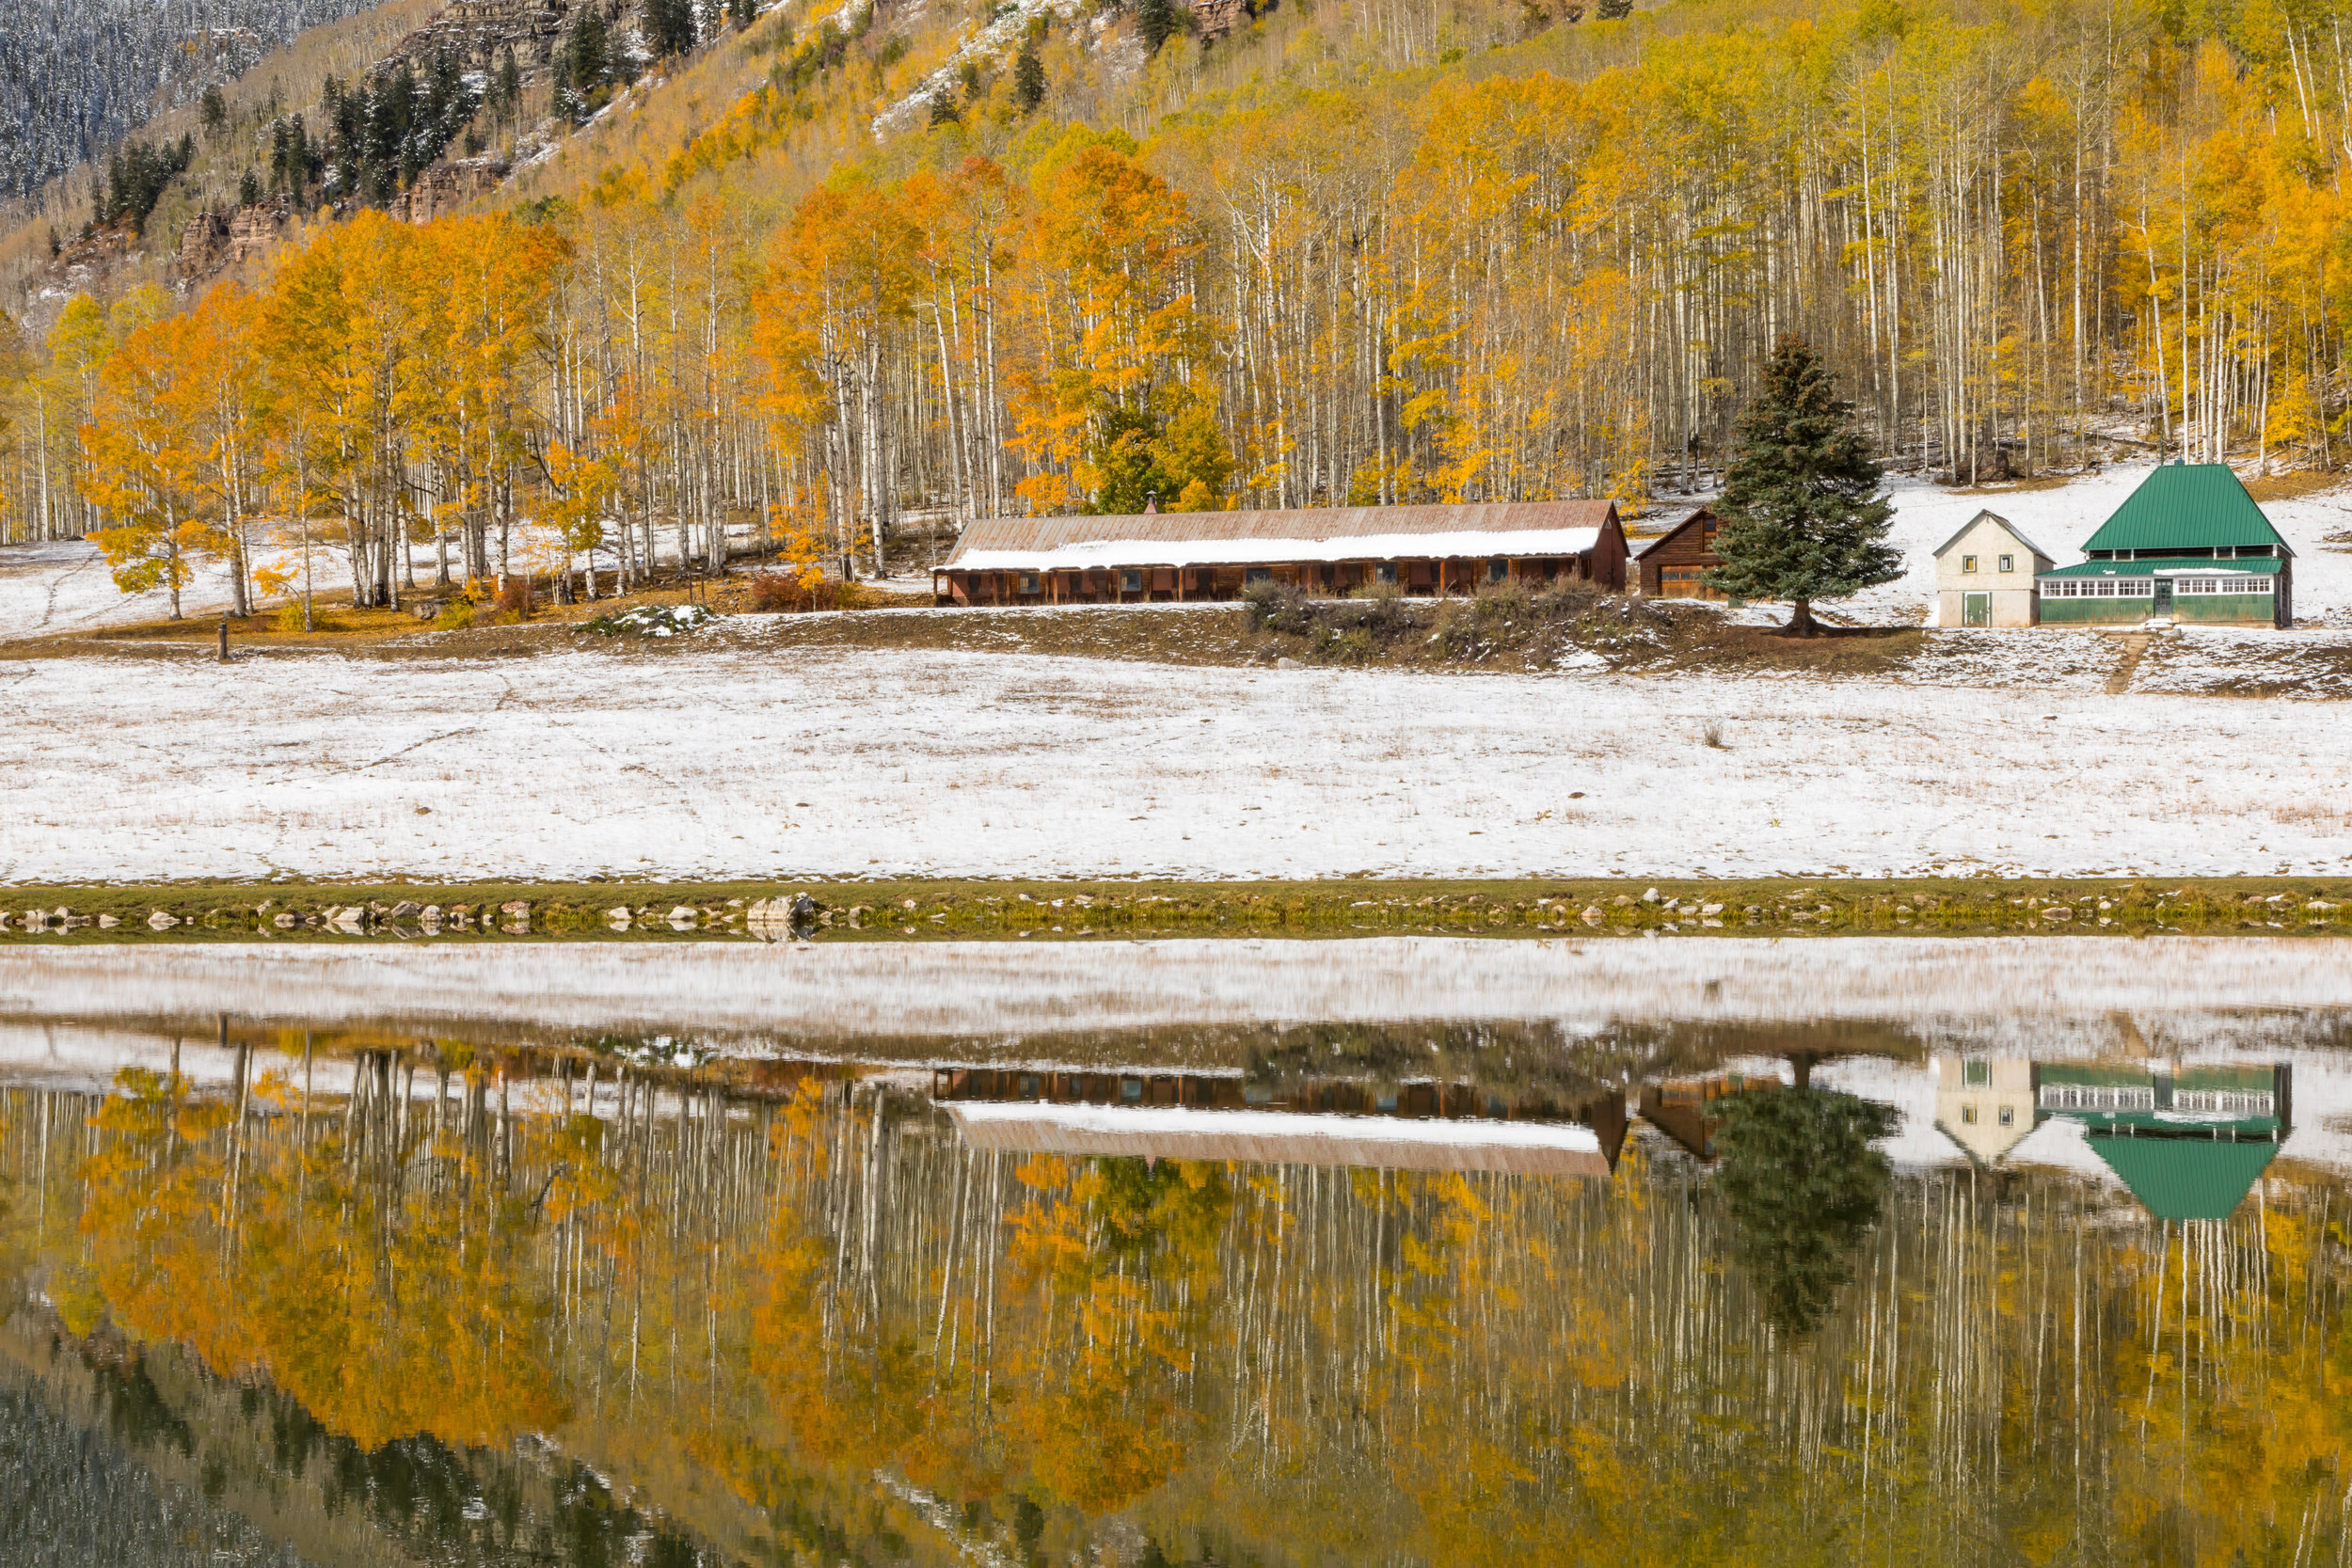 Hotter Pond, Image # 9810